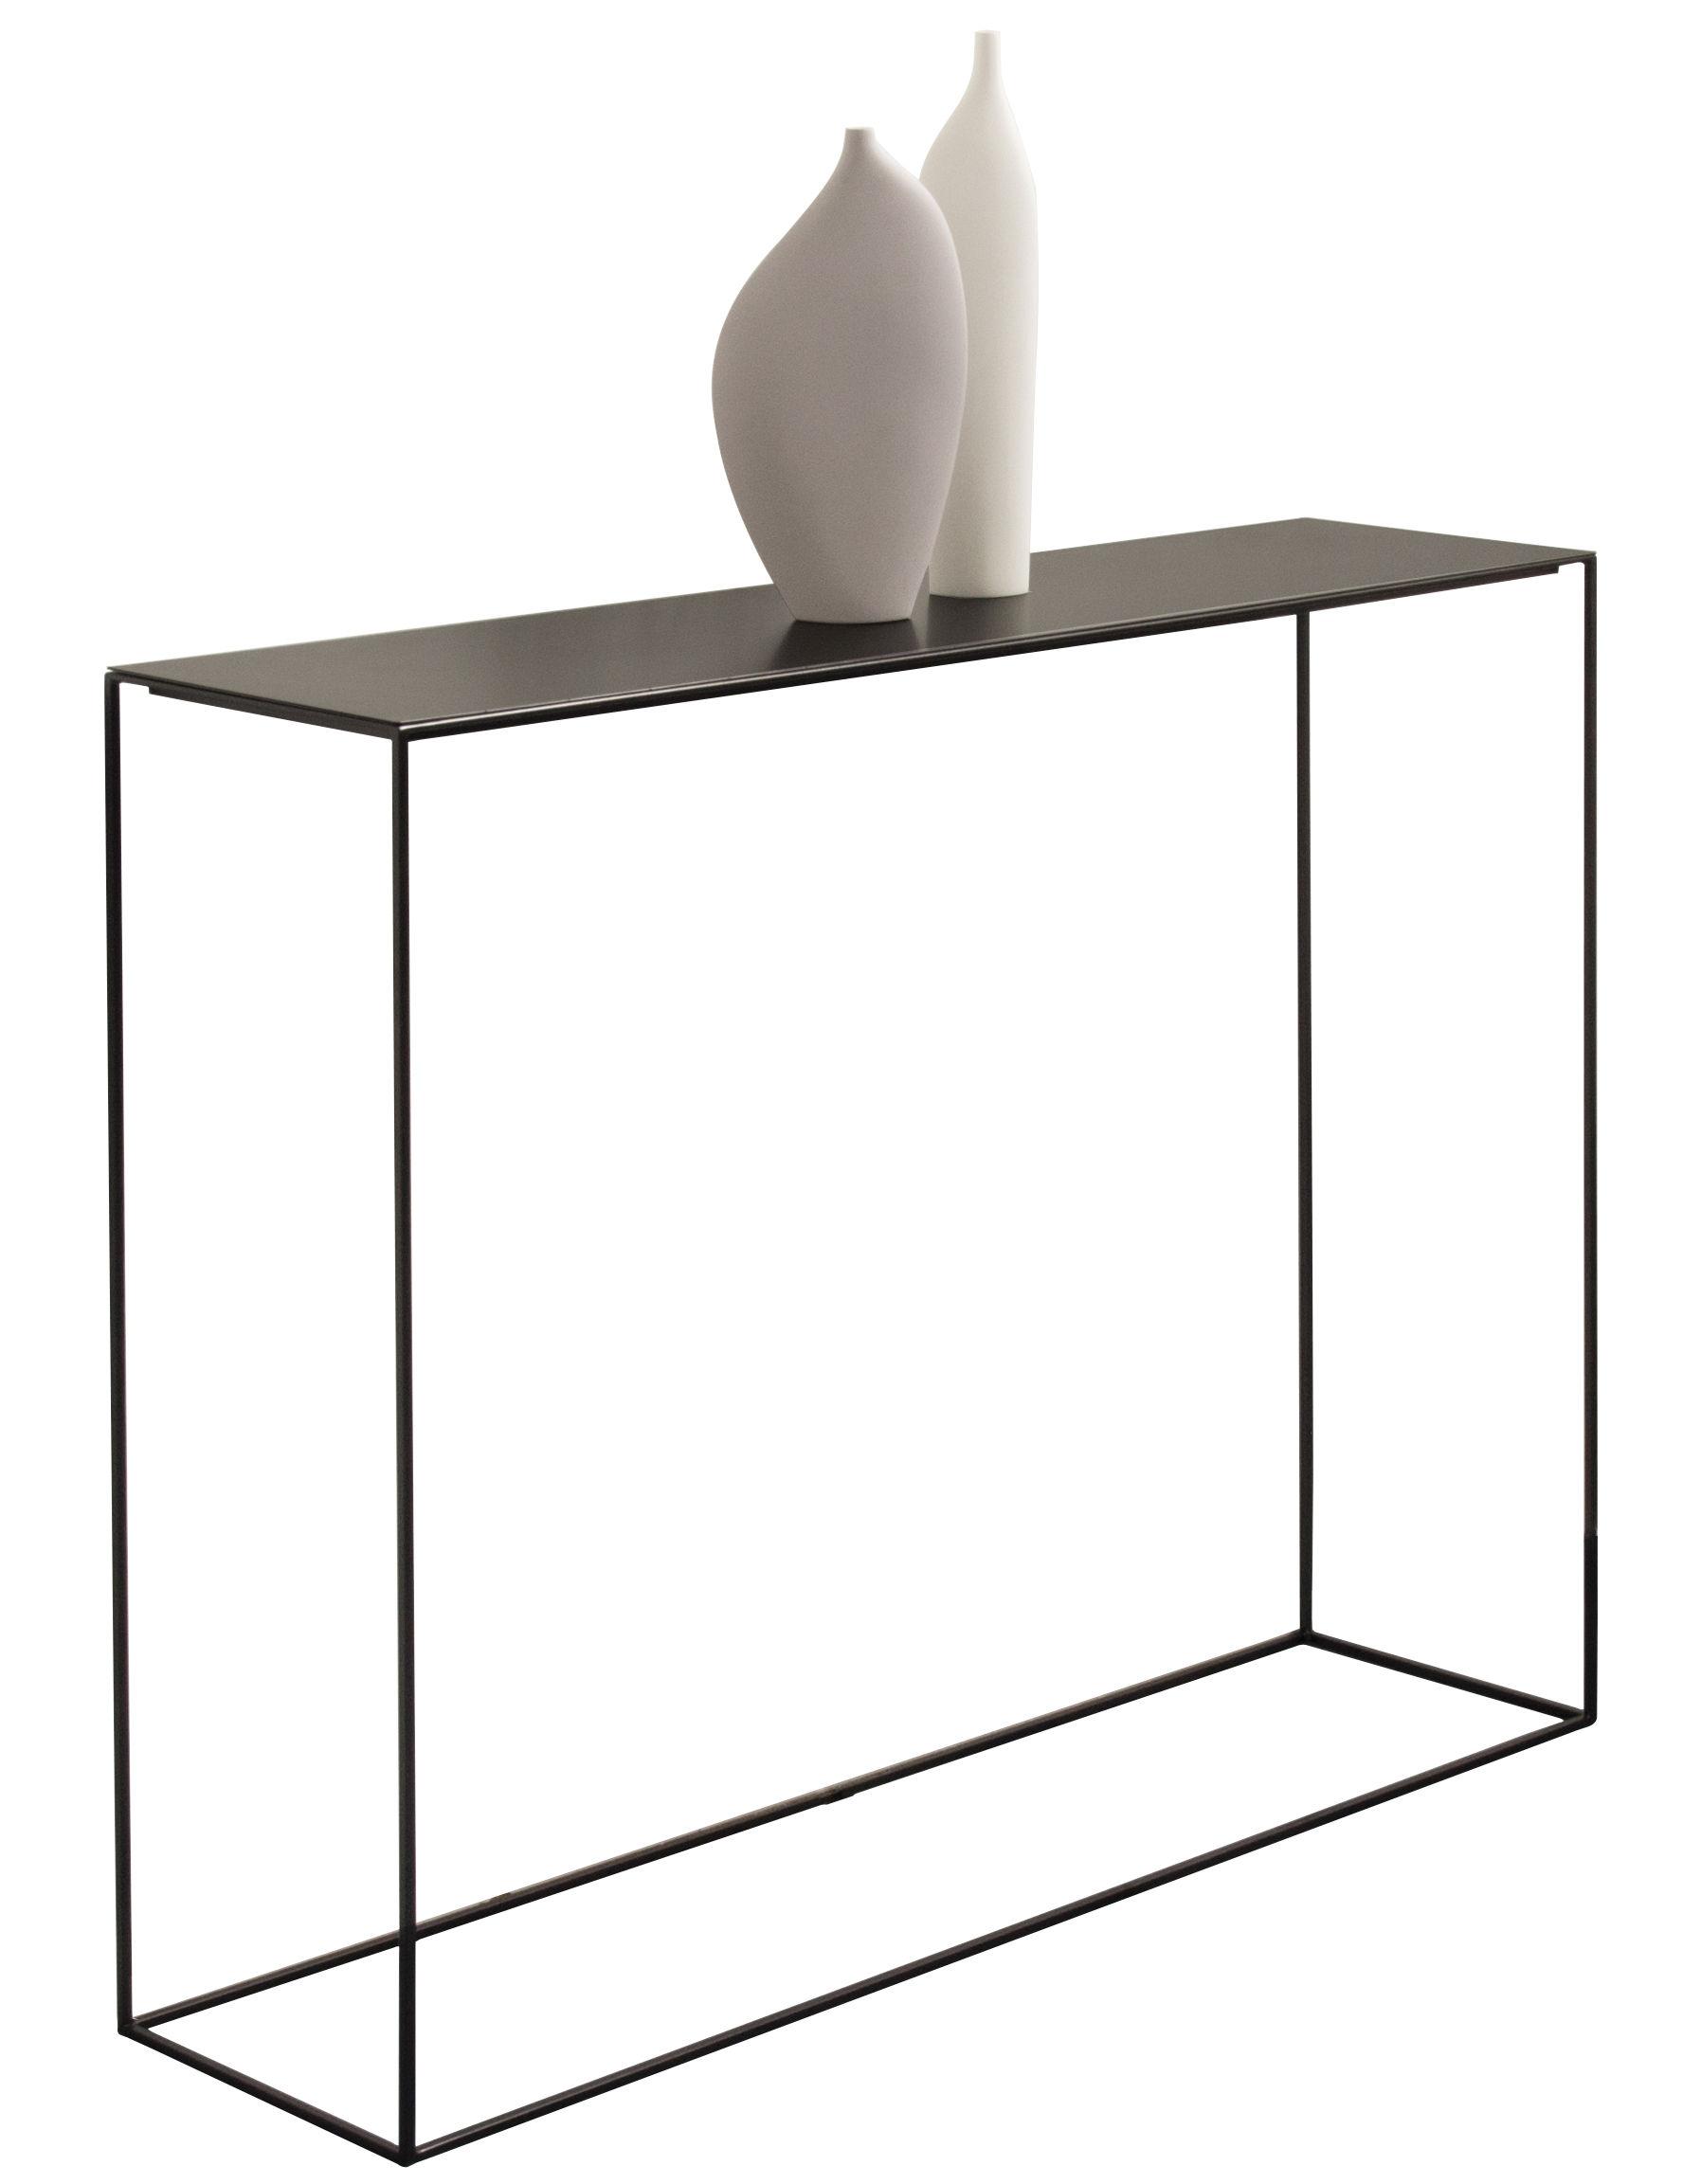 console slim irony l 124 cm plateau phosphat noir pied noir cuivr zeus. Black Bedroom Furniture Sets. Home Design Ideas